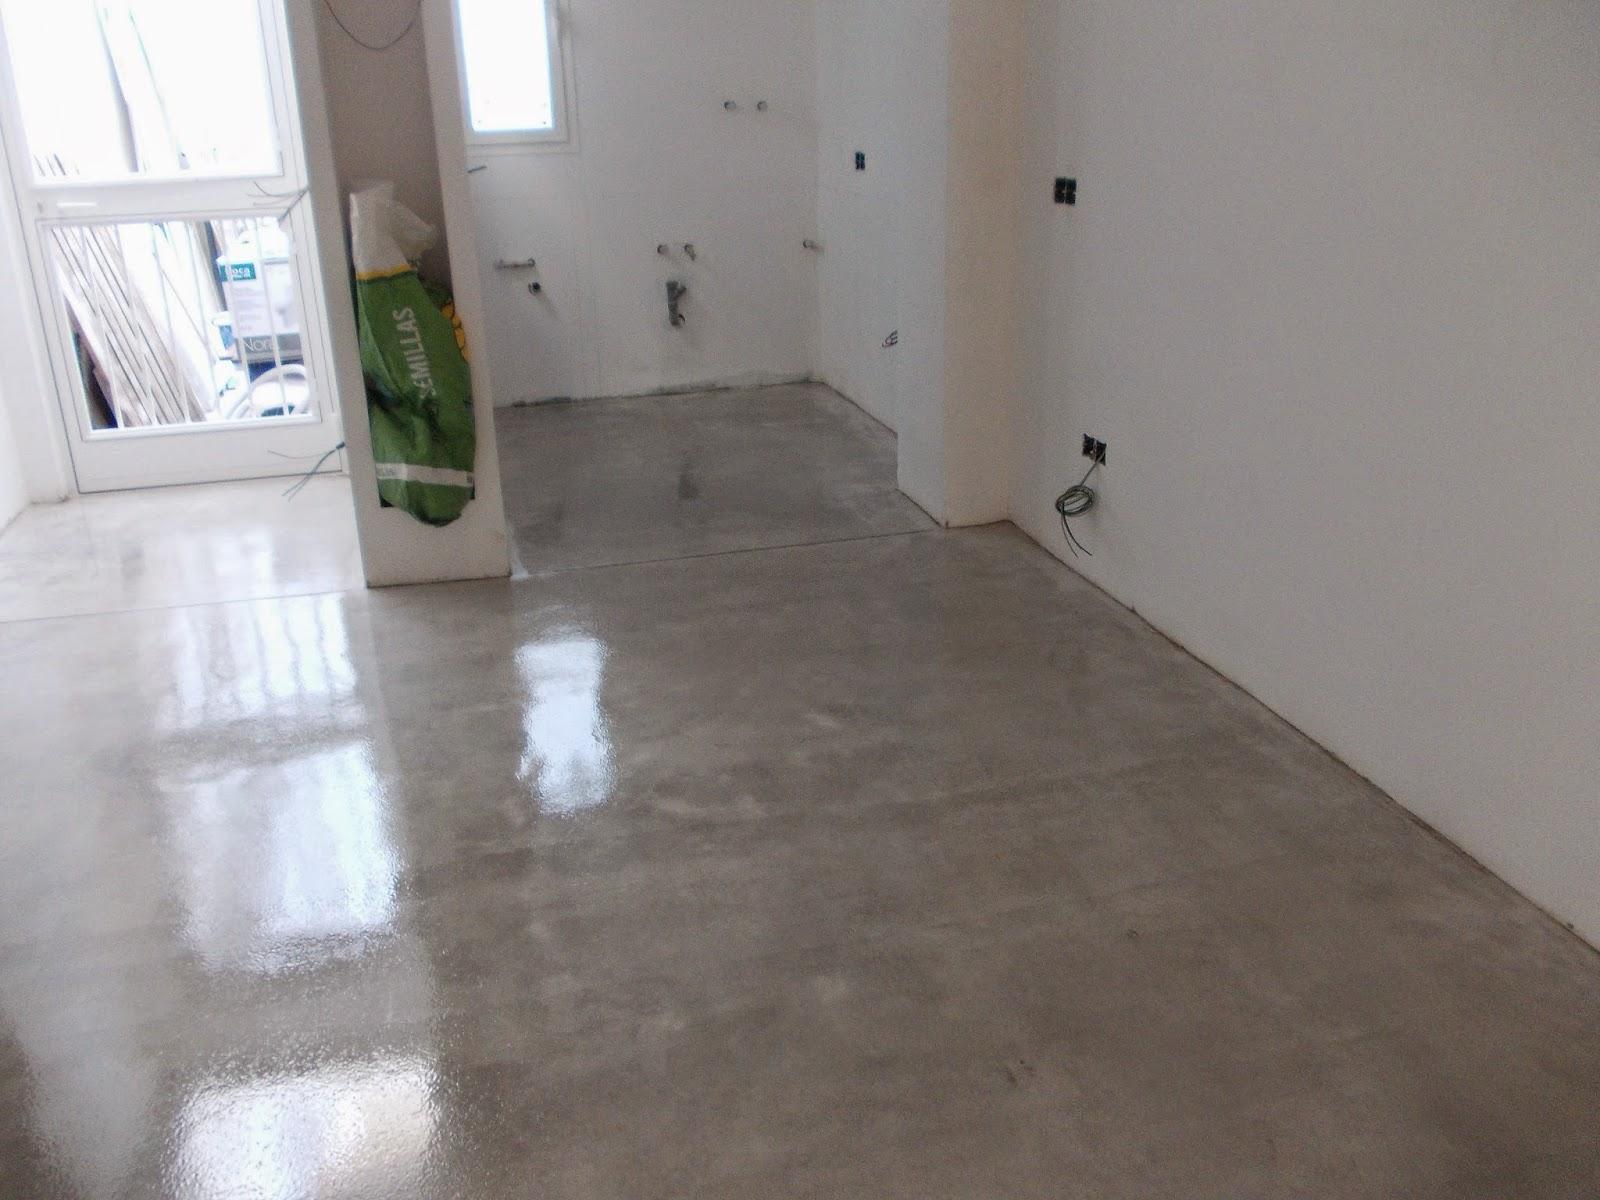 Pavimento continuo de hormig n en vivienda color gris for Corte de pavimentos de hormigon